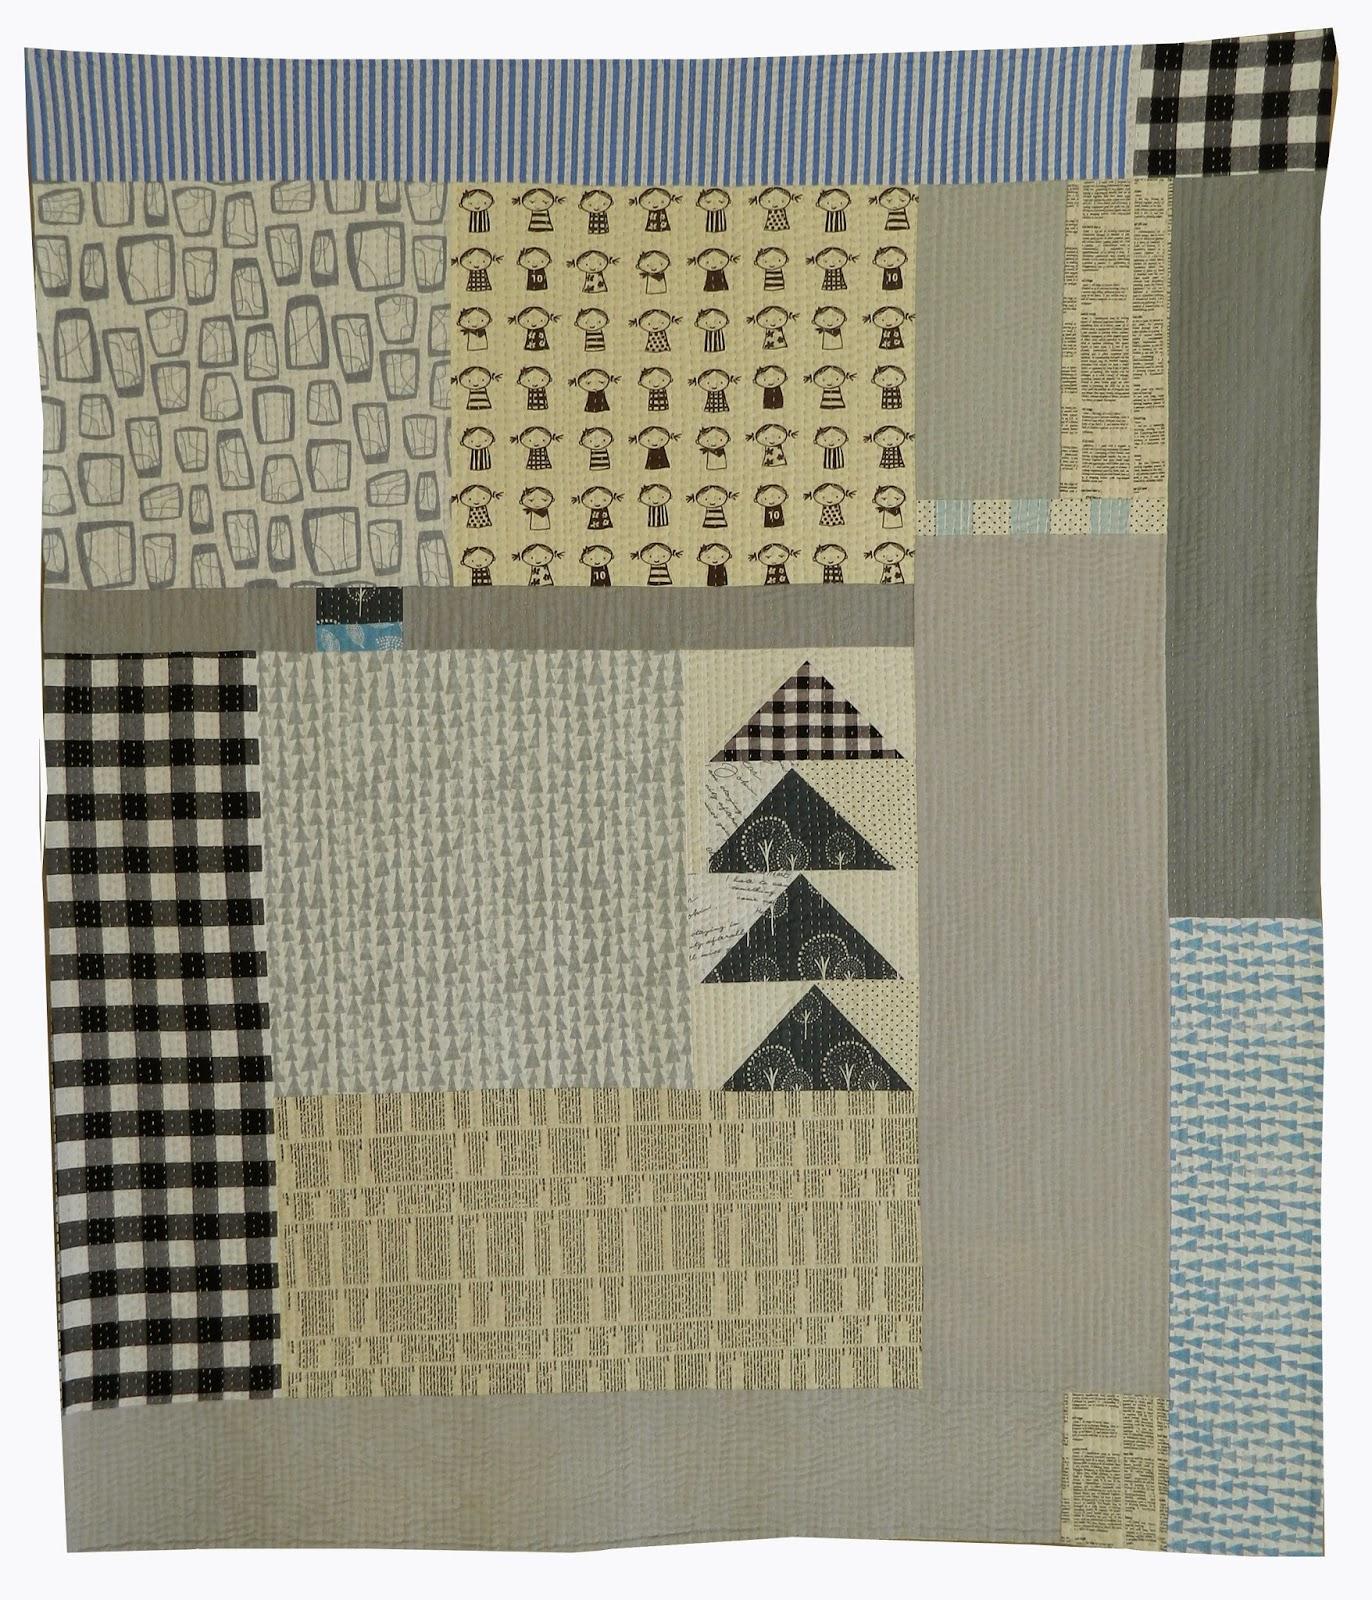 http://sotakhandmade.blogspot.com/2014/11/large-scale-improv-finished-kantha-quilt.html